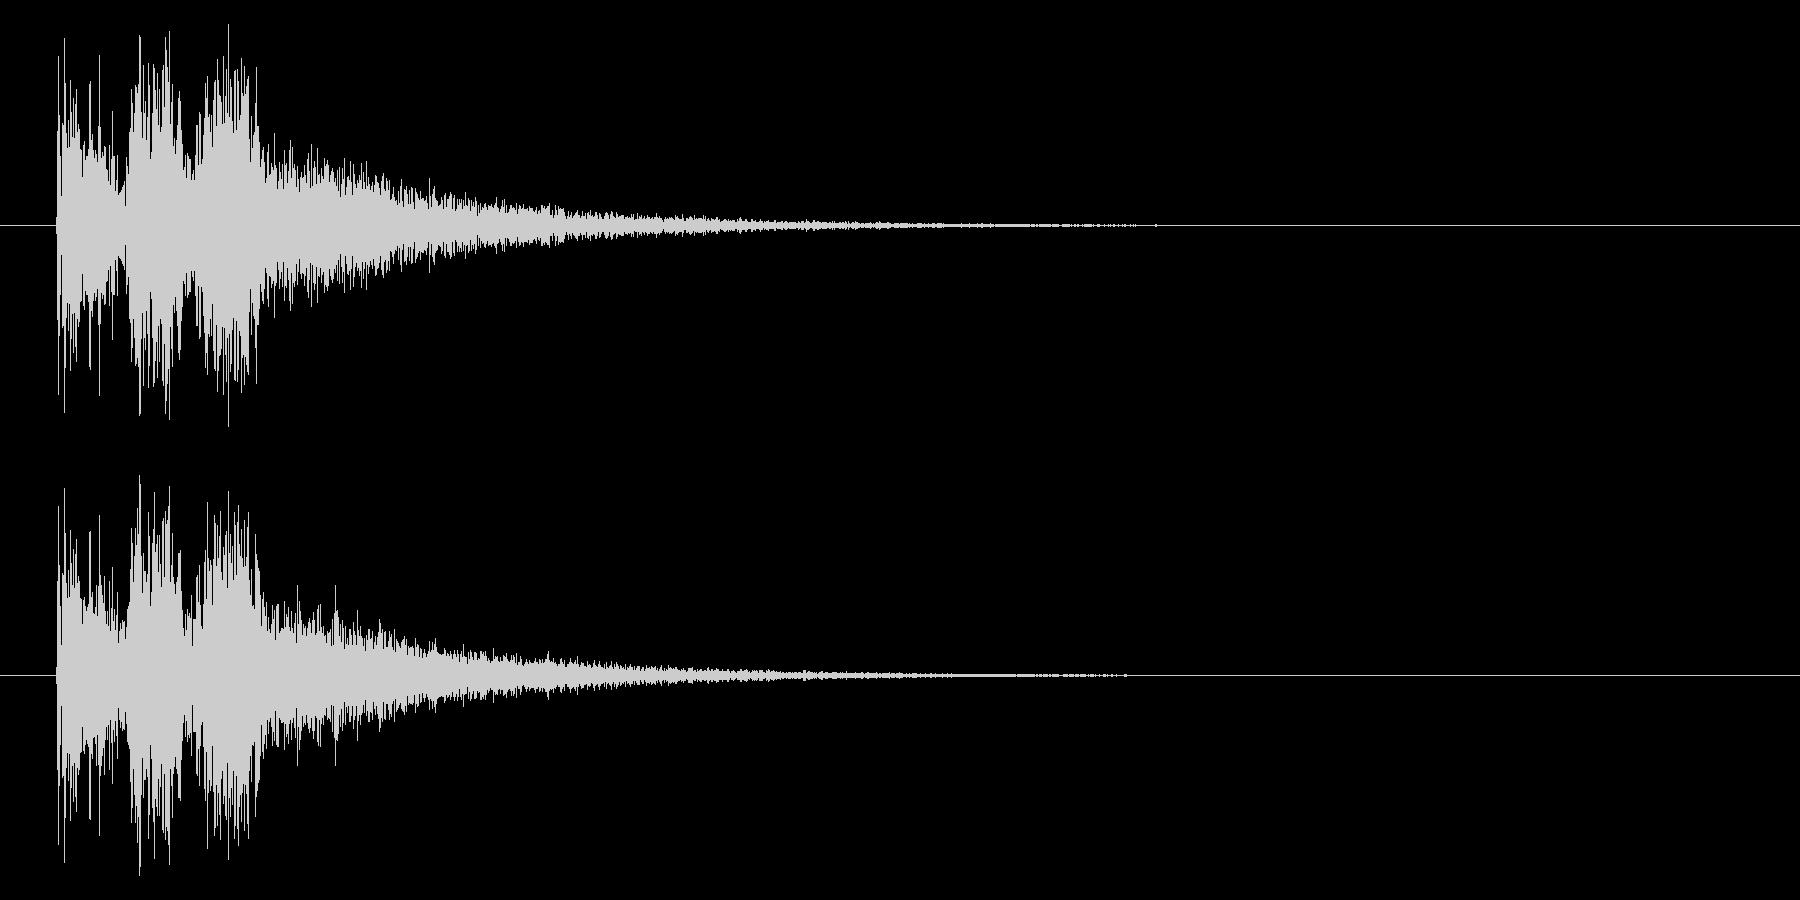 斬る04-3の未再生の波形